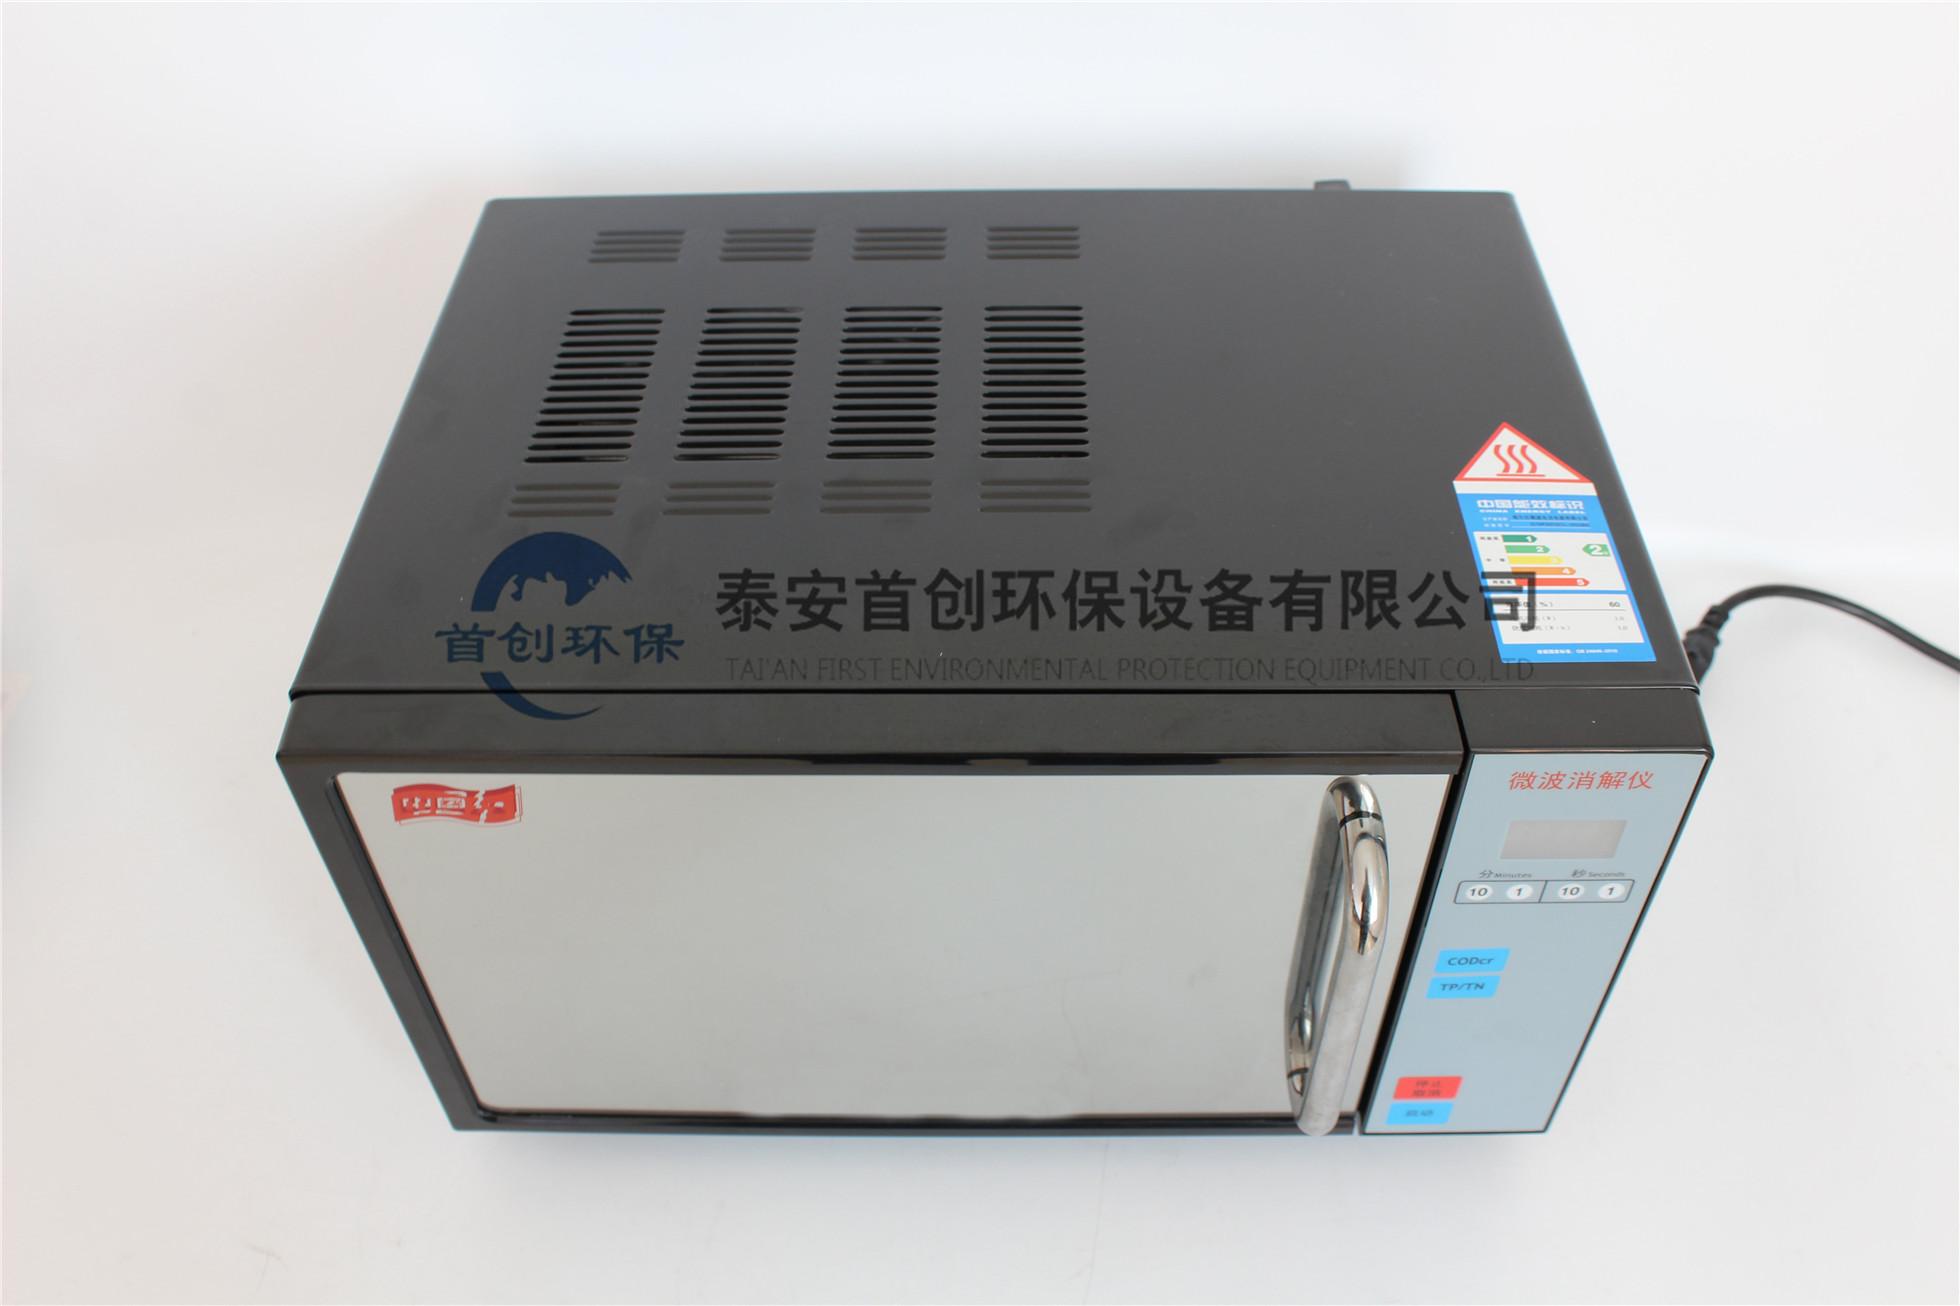 首创环保SC-35W型COD微波消解仪器6孔/12孔微波消解仪